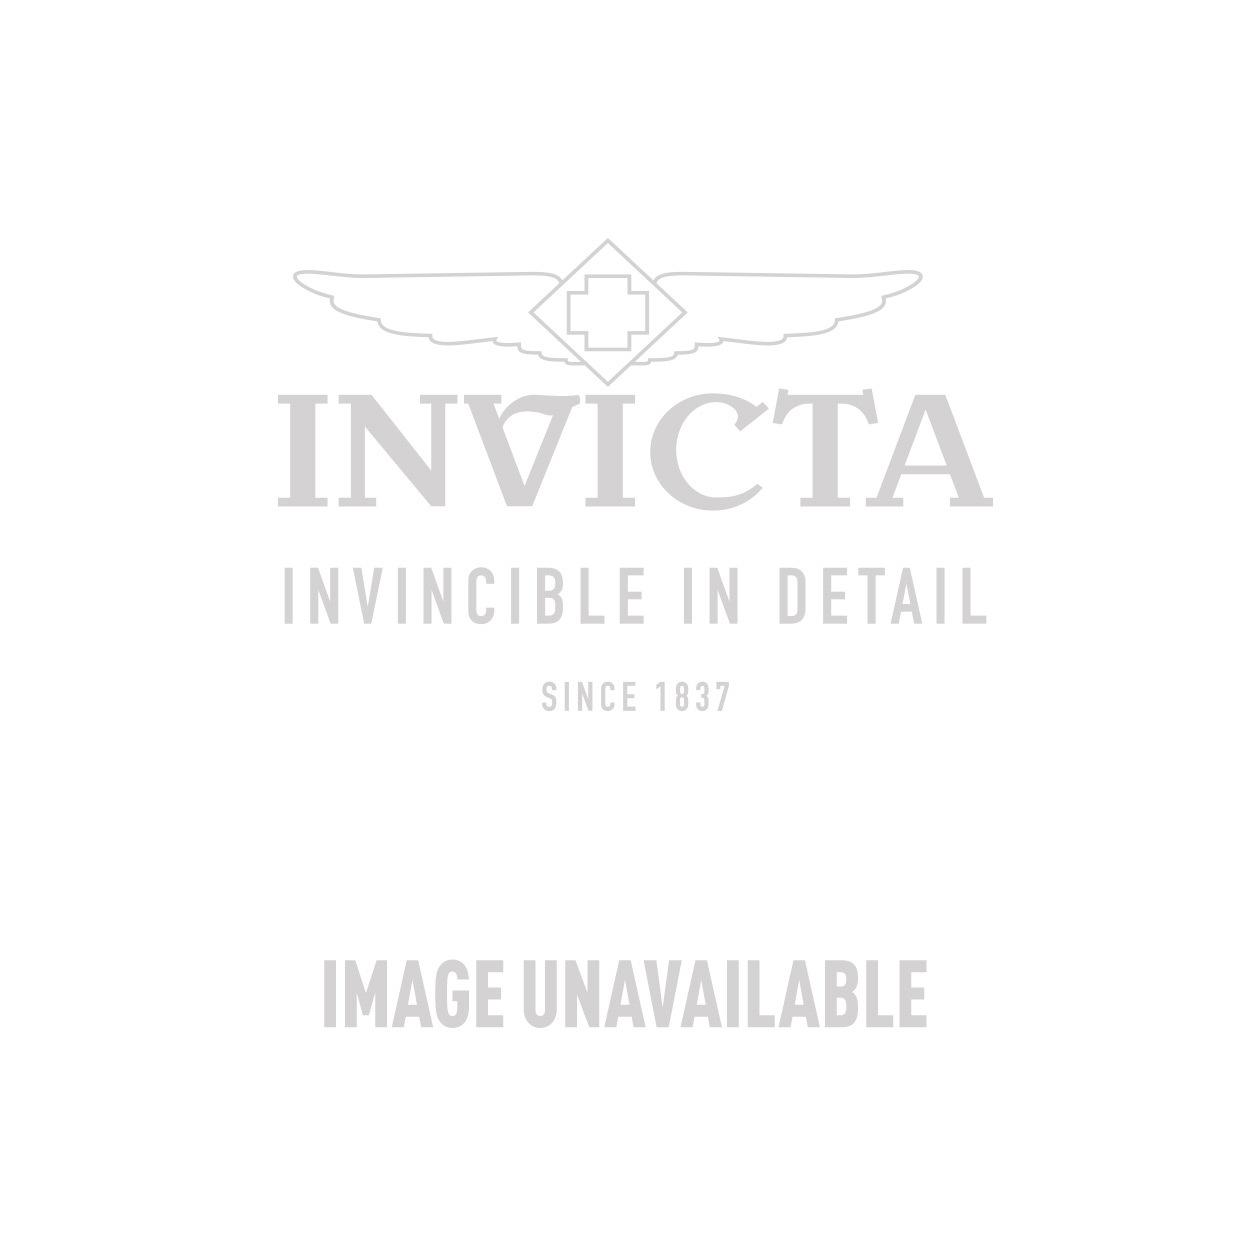 Invicta Model 27742